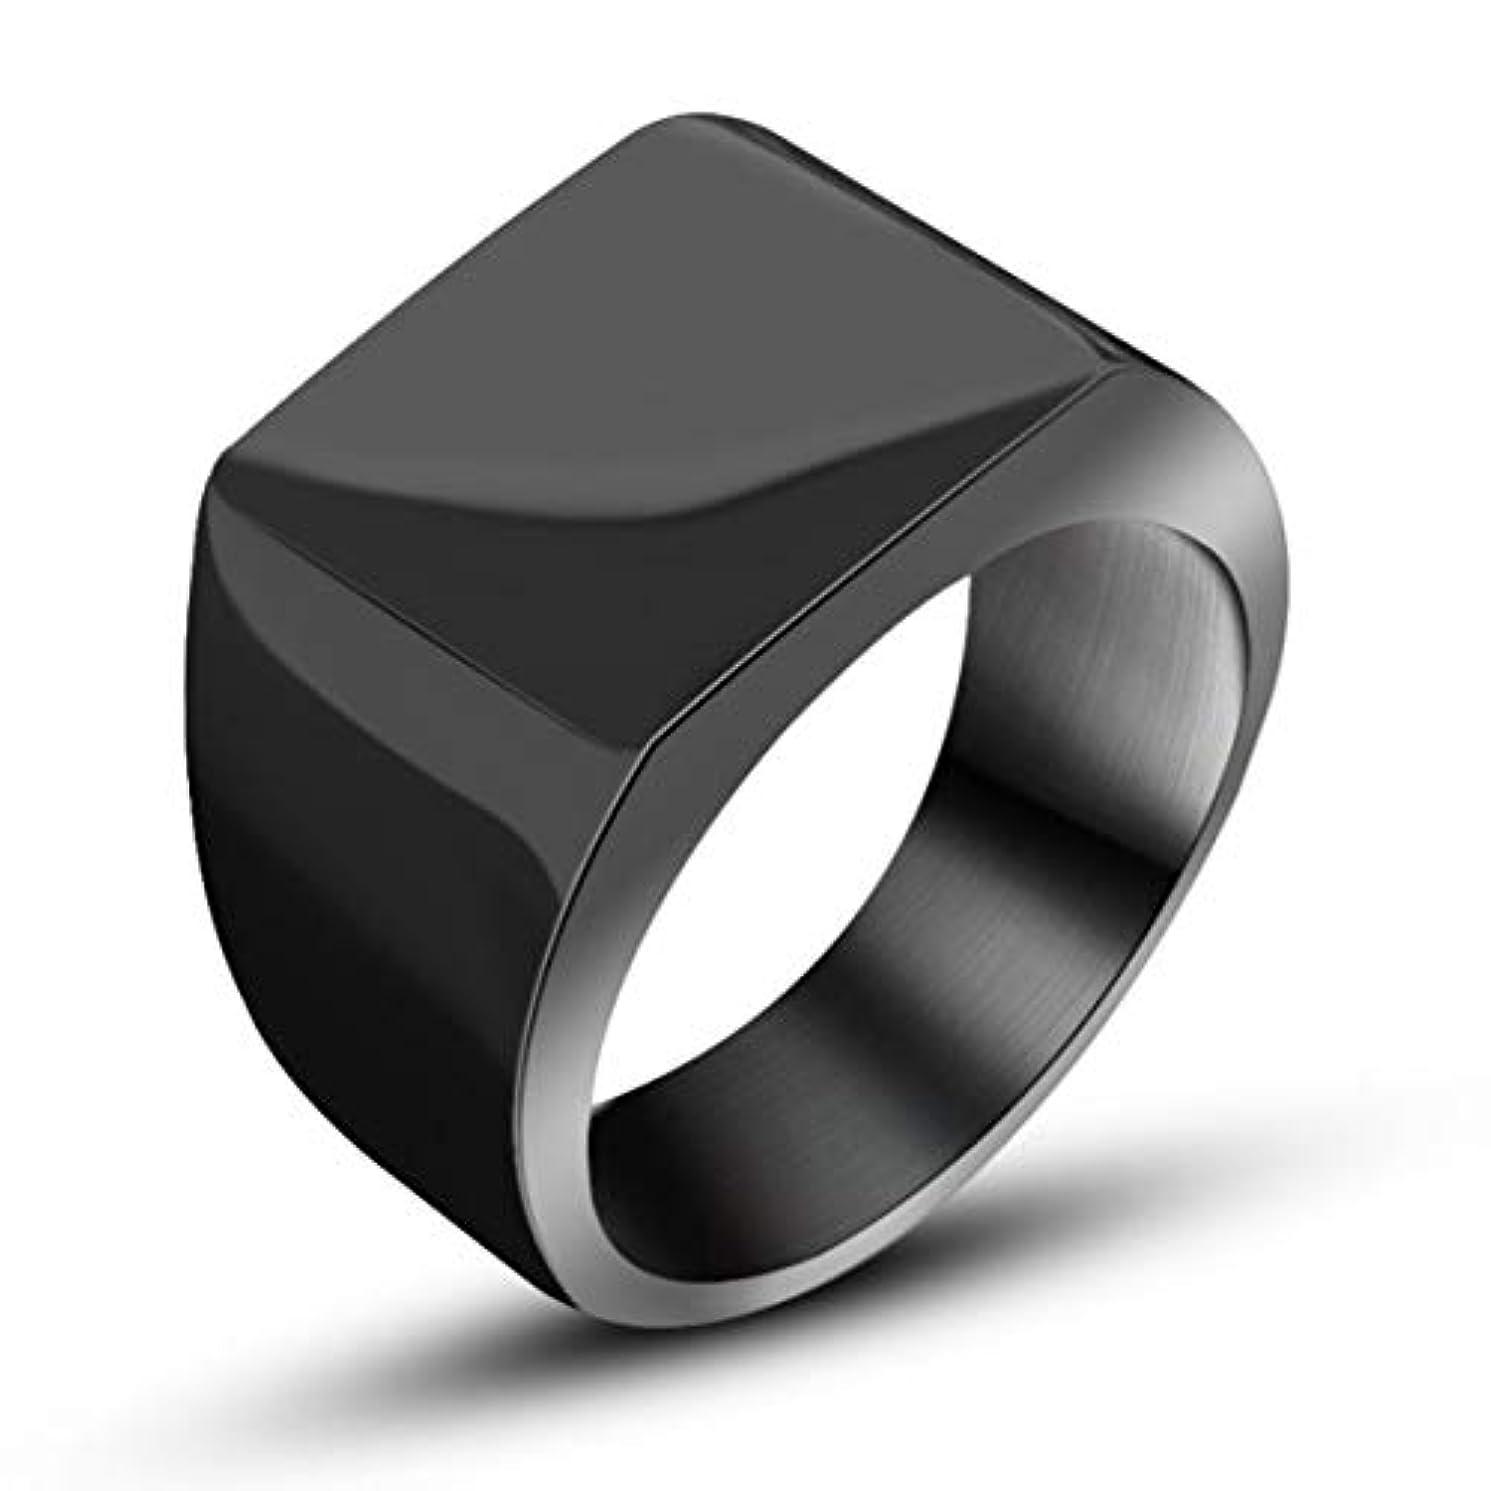 排除する協力的ミケランジェロ寛大なファッションシンプルでワイドフェイスリングチタンリングハンサムメンズリングワイドサーフェスリングメンズ-ブラック#12